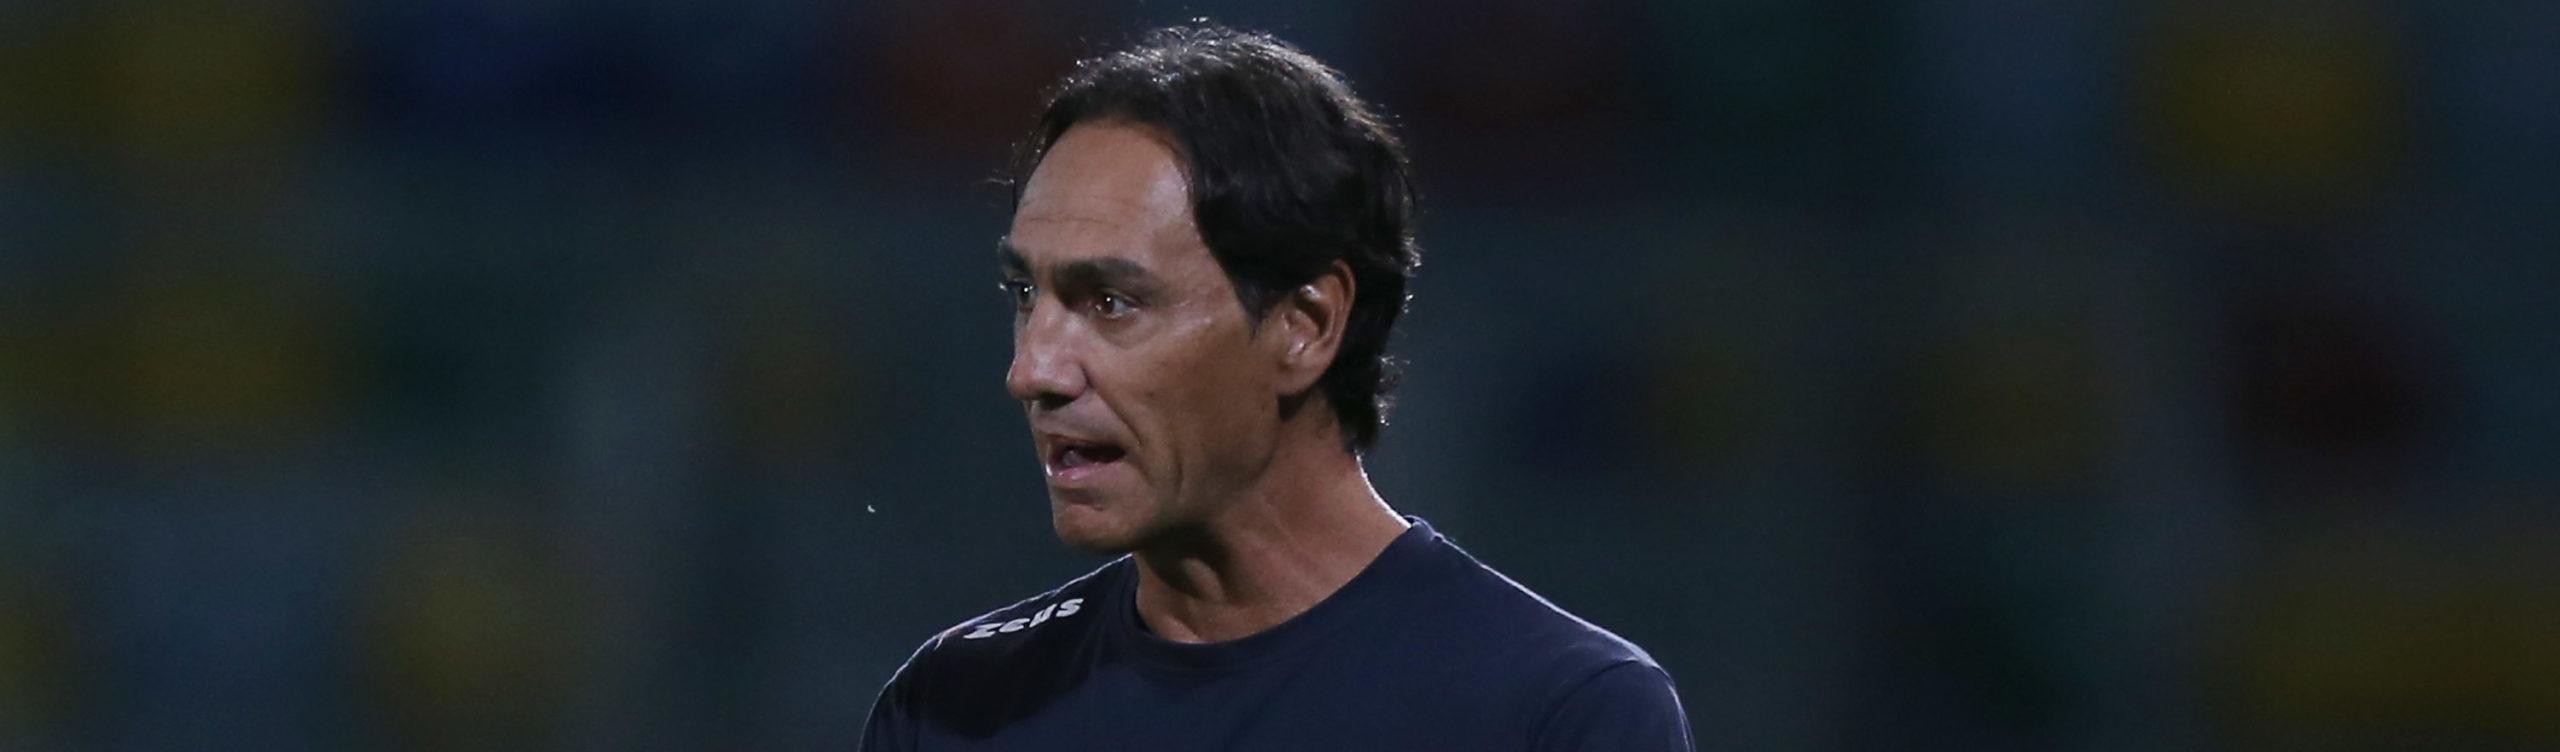 Frosinone-Pisa, spareggio playoff senza un domani: Nesta e i ciociari in crisi, i toscani sognano il blitz